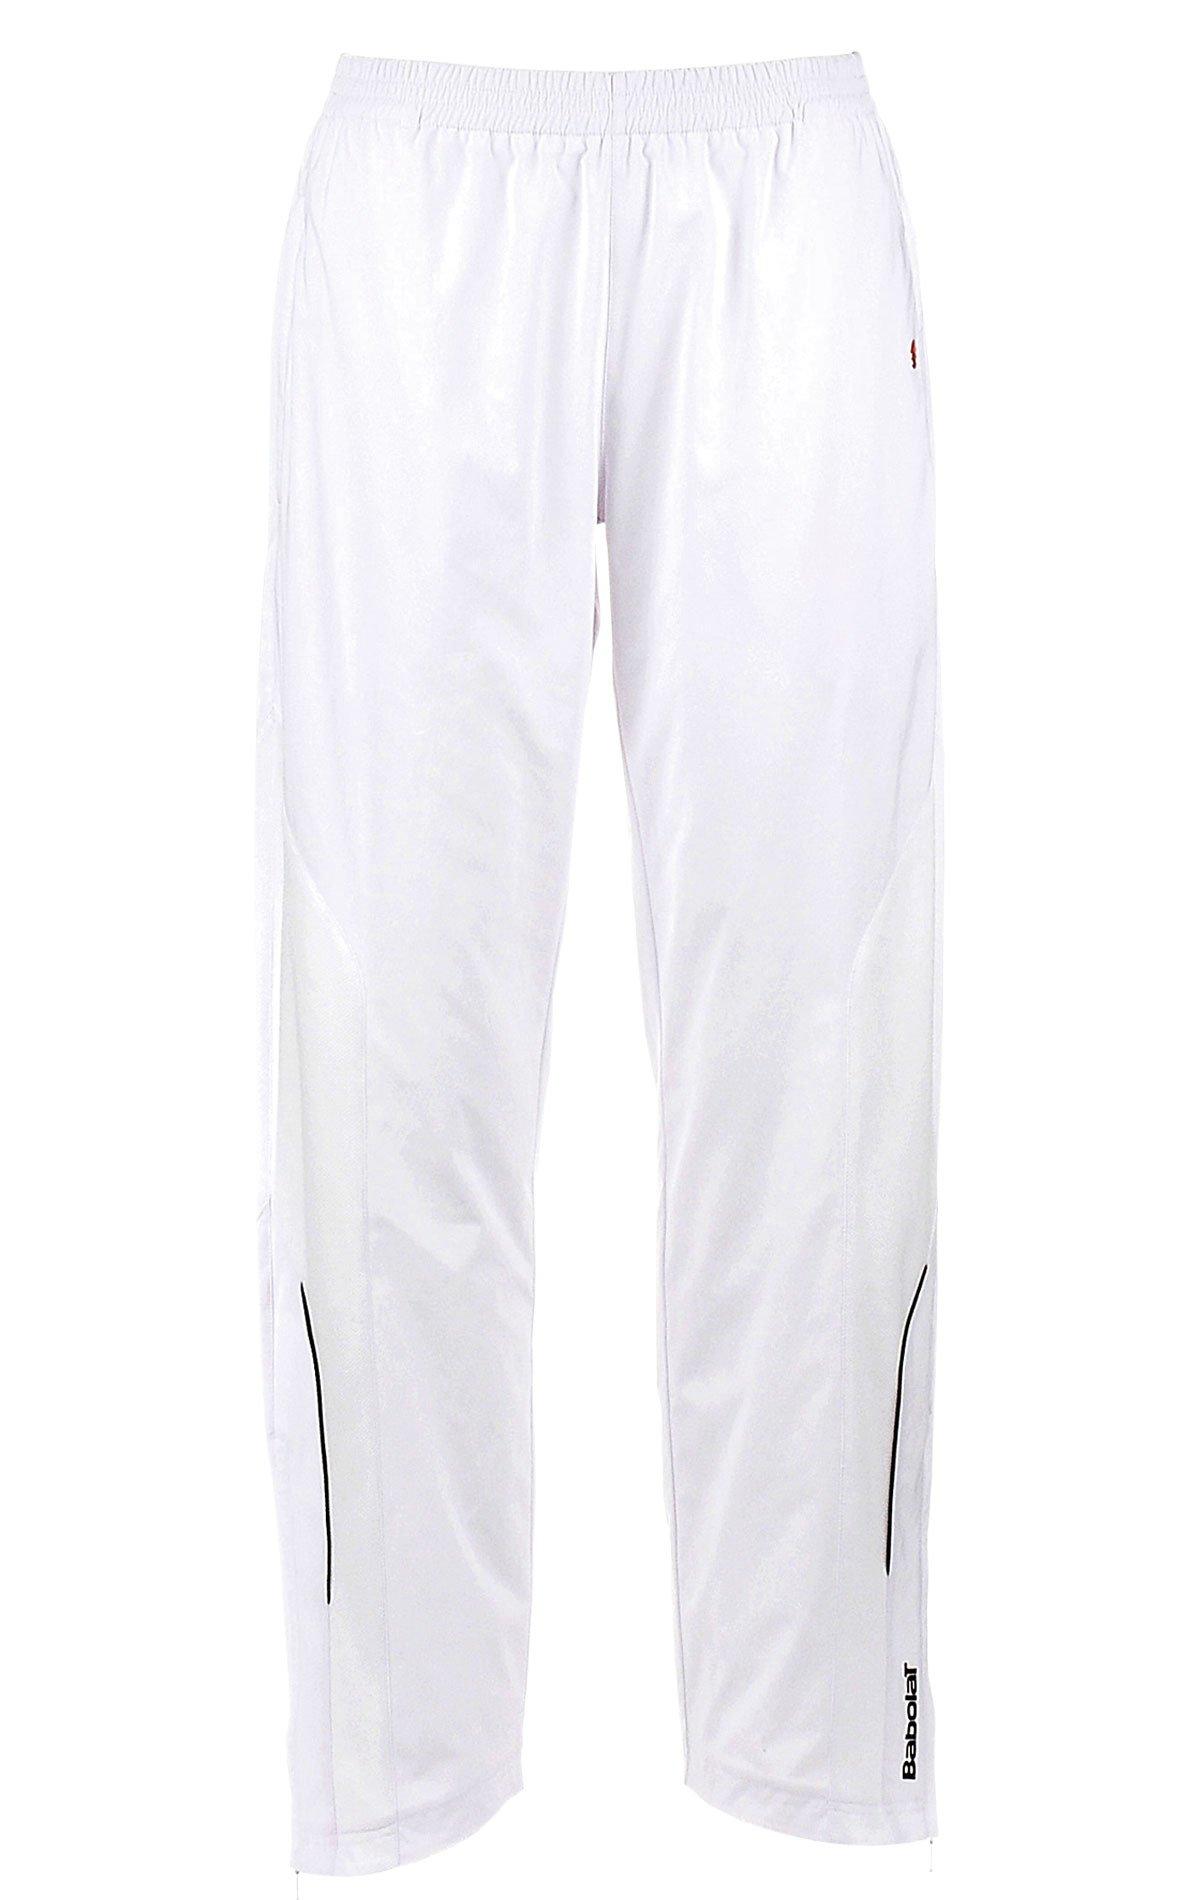 Babolat ragazza pantaloni da tennis Club Bianco